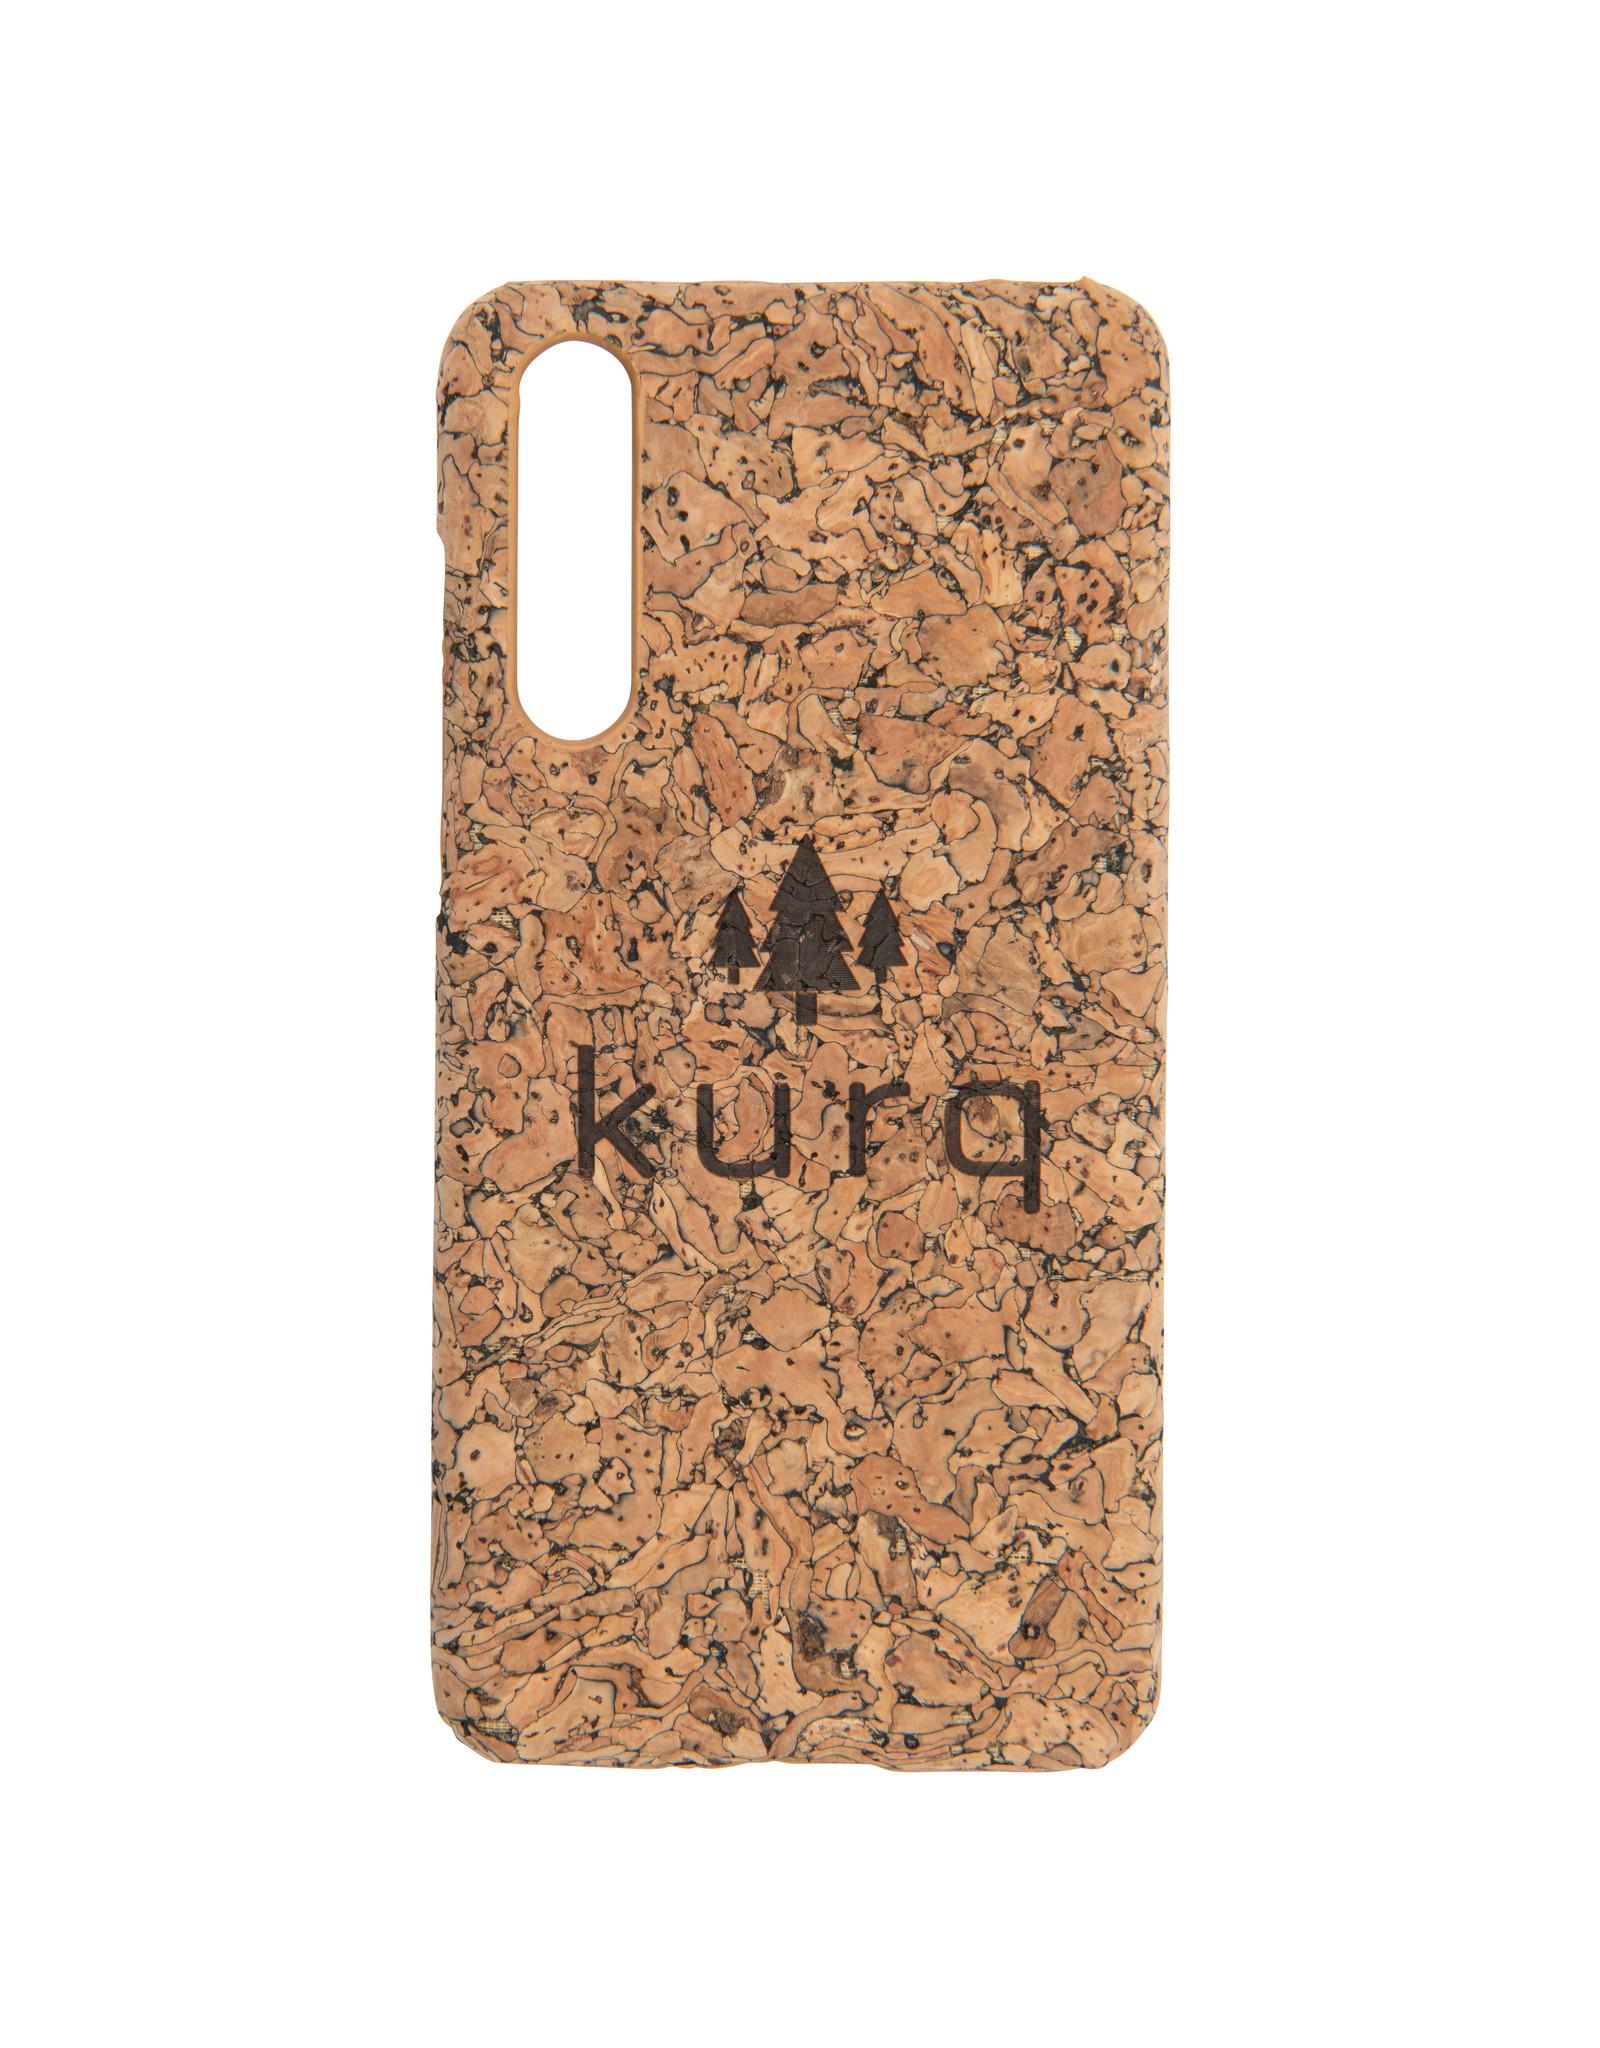 KURQ - Cork phone case for Huawei P20 Pro